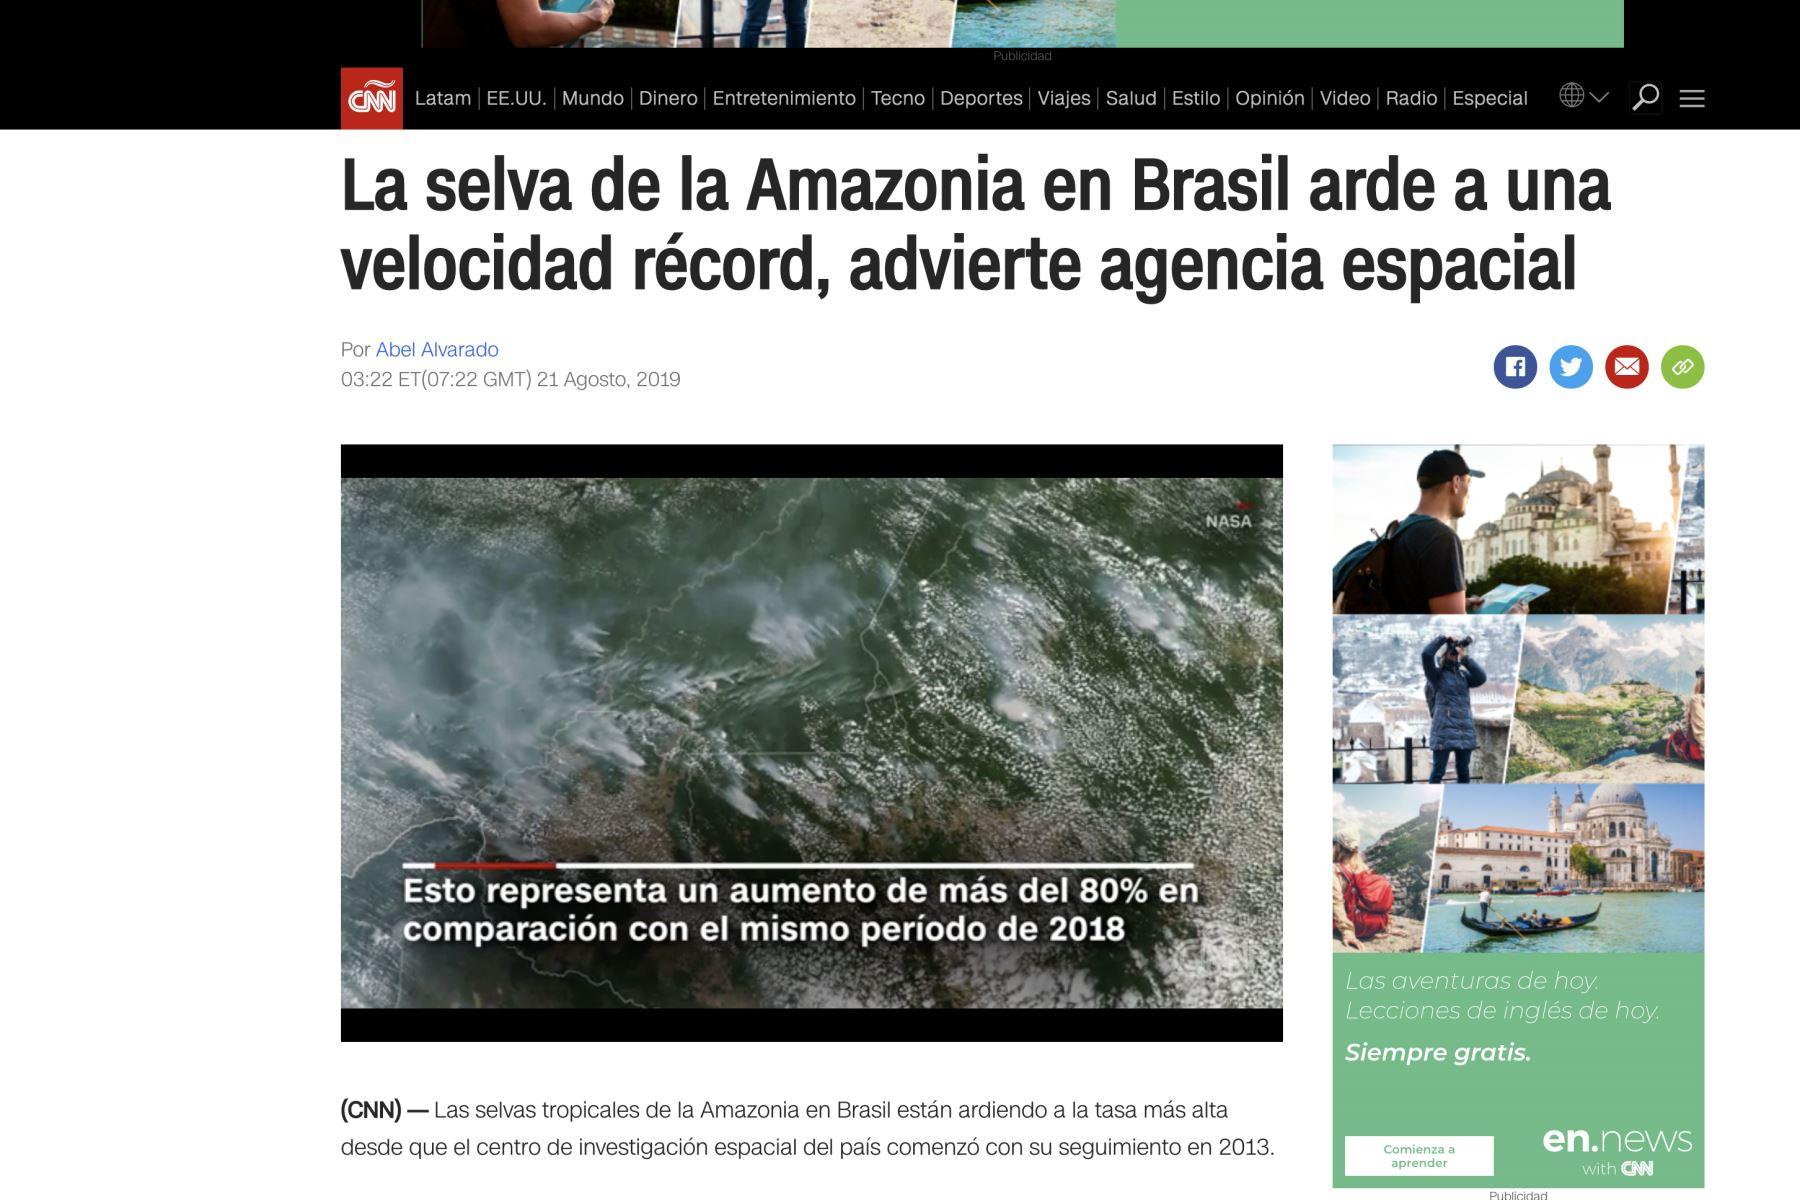 Importantes medios de comunicación informan sobre el incendio en la Amazonia.Foto:Internet medios